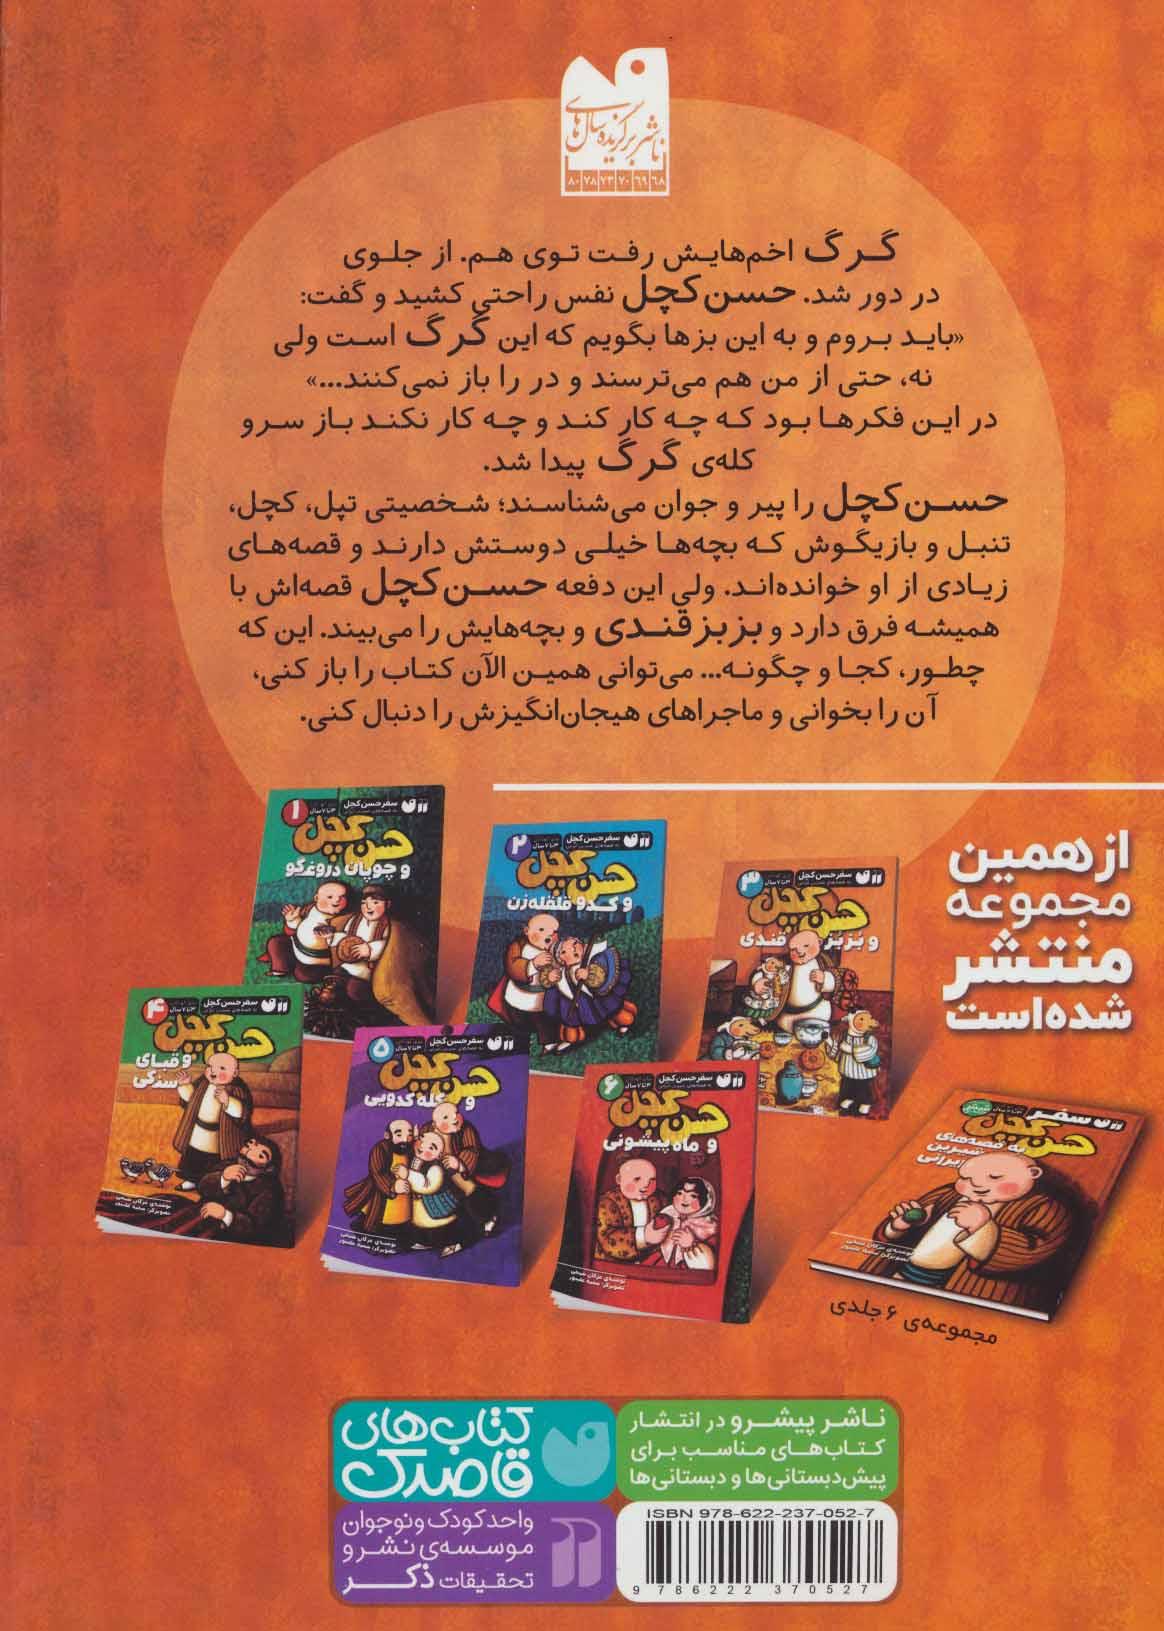 سفر حسن کچل به قصه های شیرین ایرانی 3 (حسن کچل و بزبز قندی)